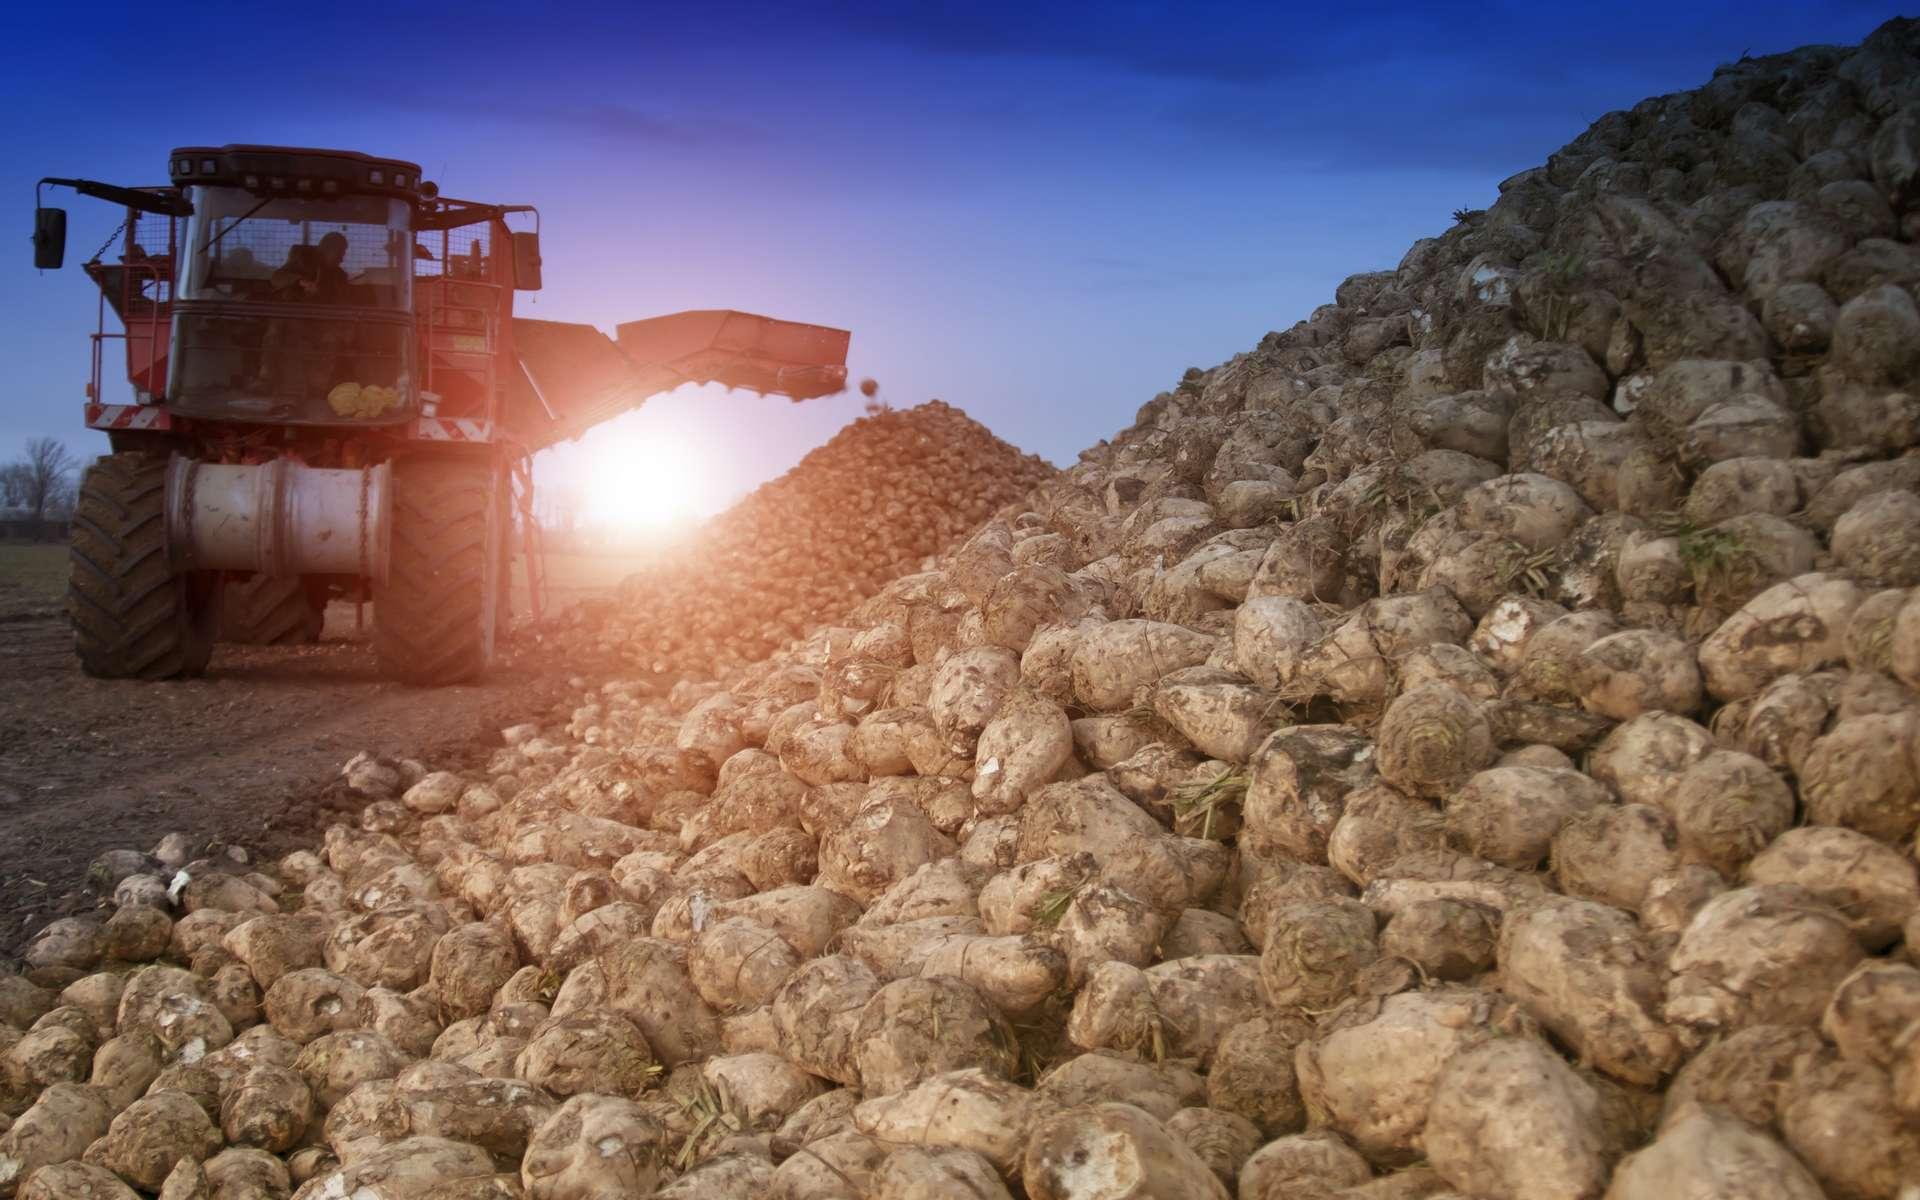 Le ministre de l'Agriculture a annoncé une dérogation pour l'usage de néonicotinoïdes en enrobage de semences, spécifiquement pour la filière betterave sucrière. © Perytskyy, Adobe Stock